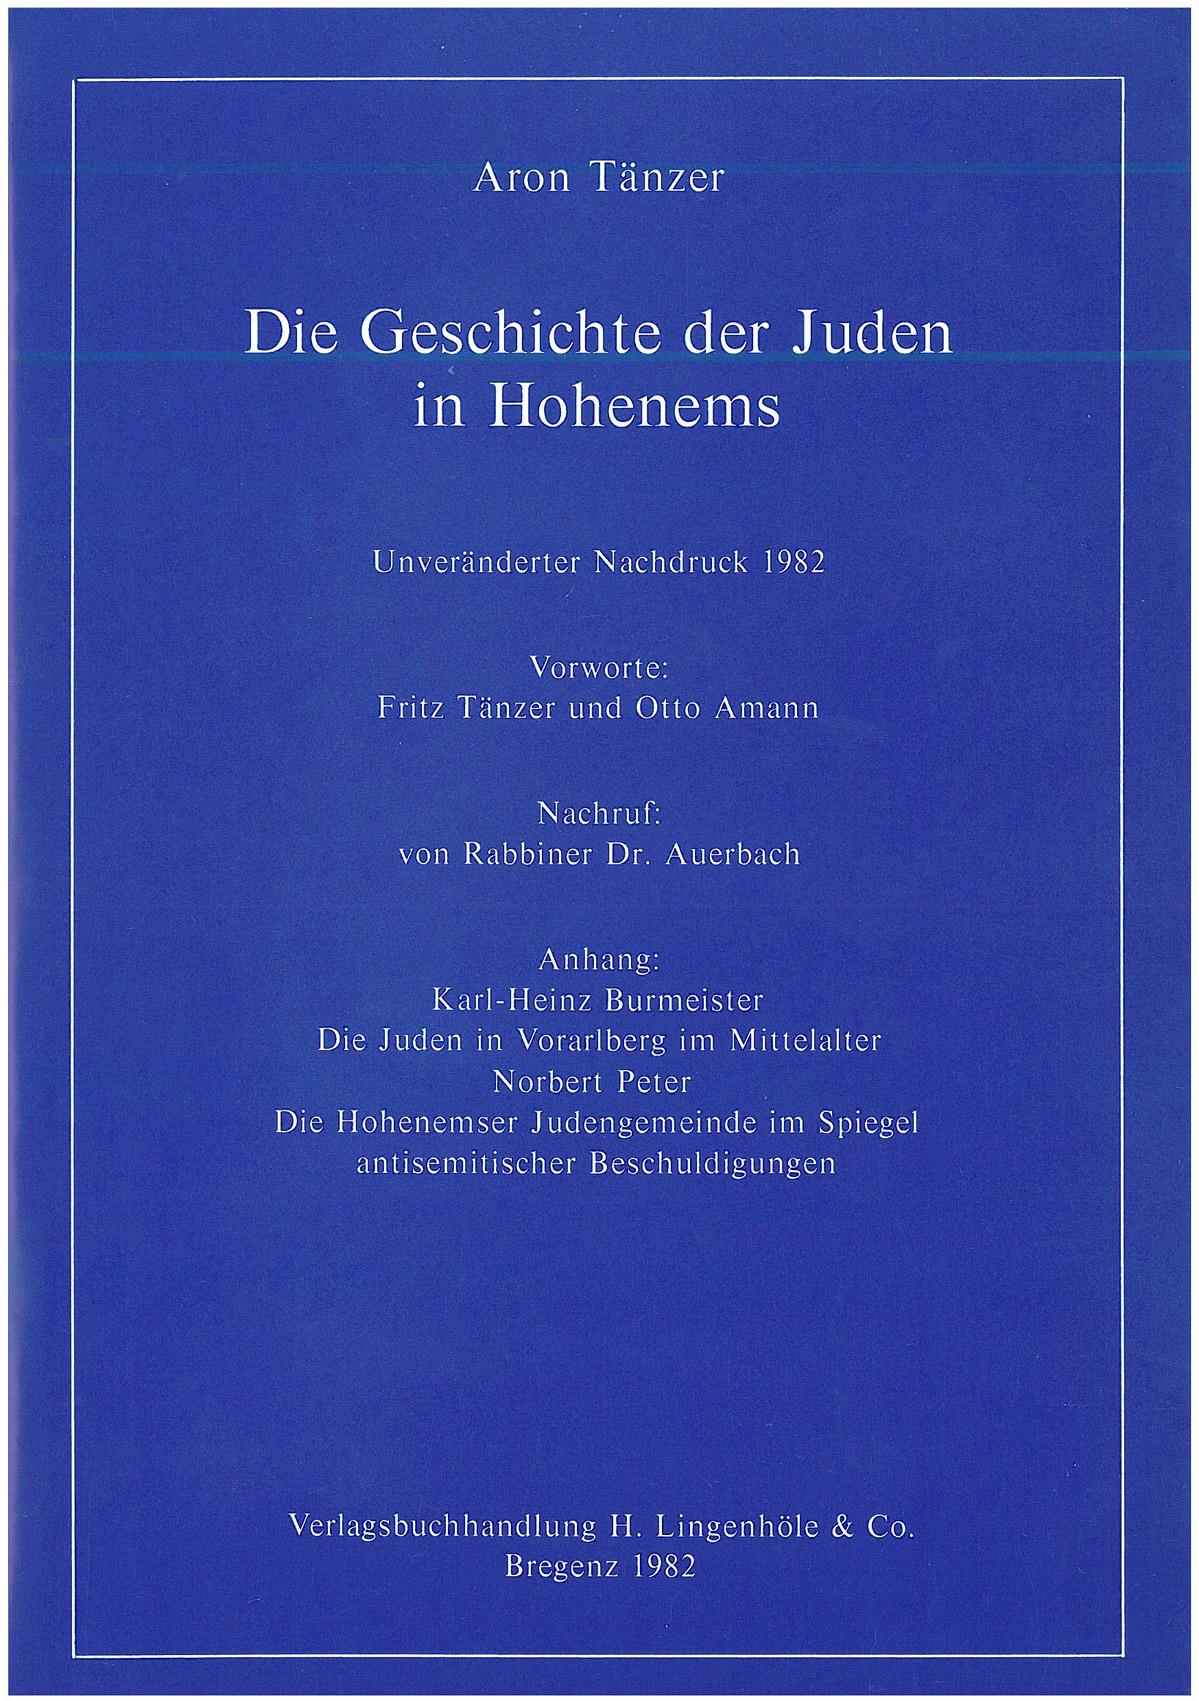 Die Geschichte der Juden in Hohenems